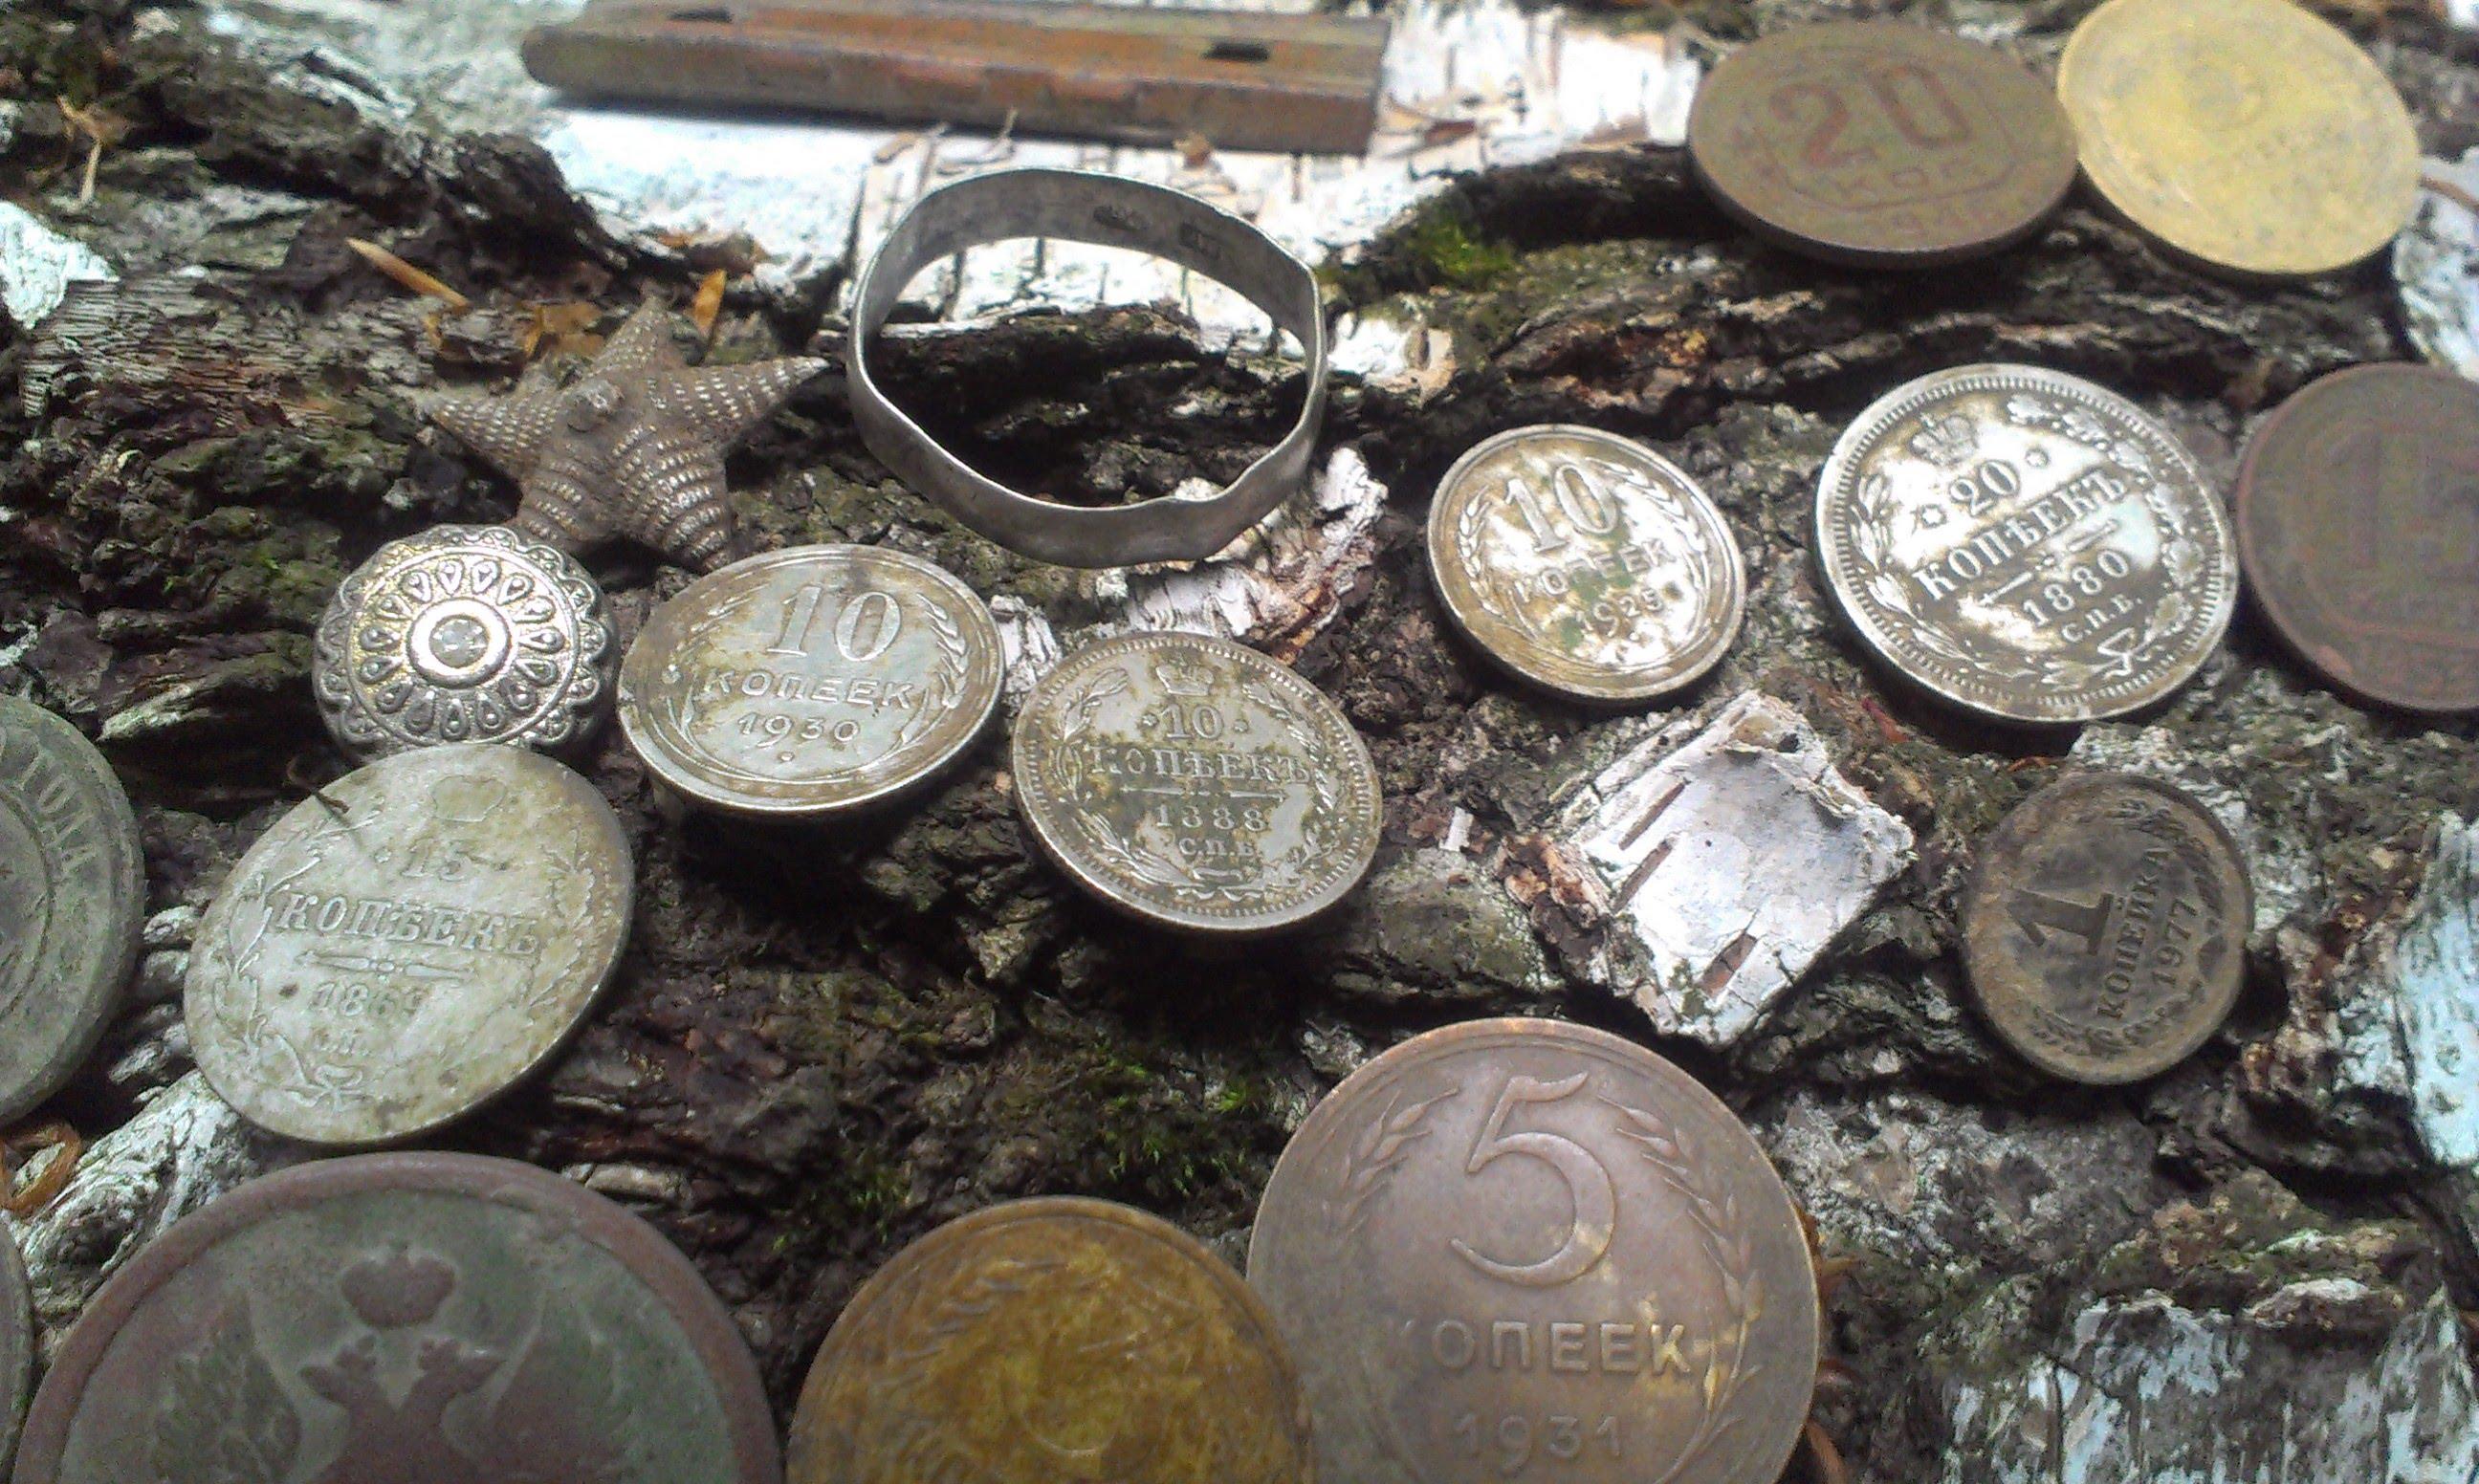 Поиск монет и кладов металлоискателем в 2018 году - Я-коллек.